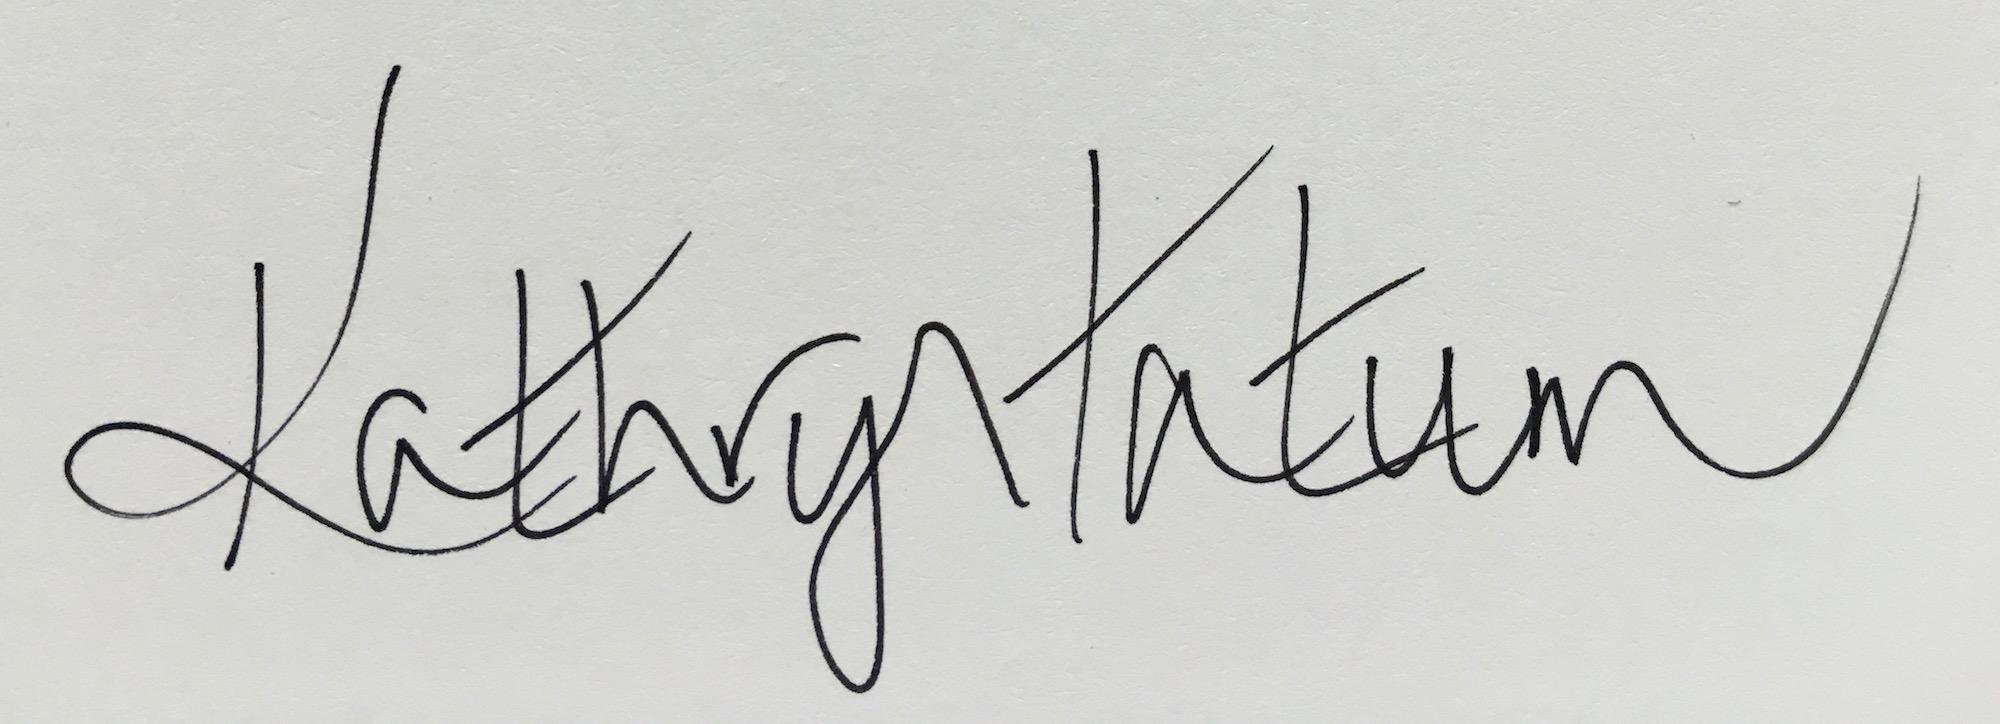 Kathryn Tatum Signature